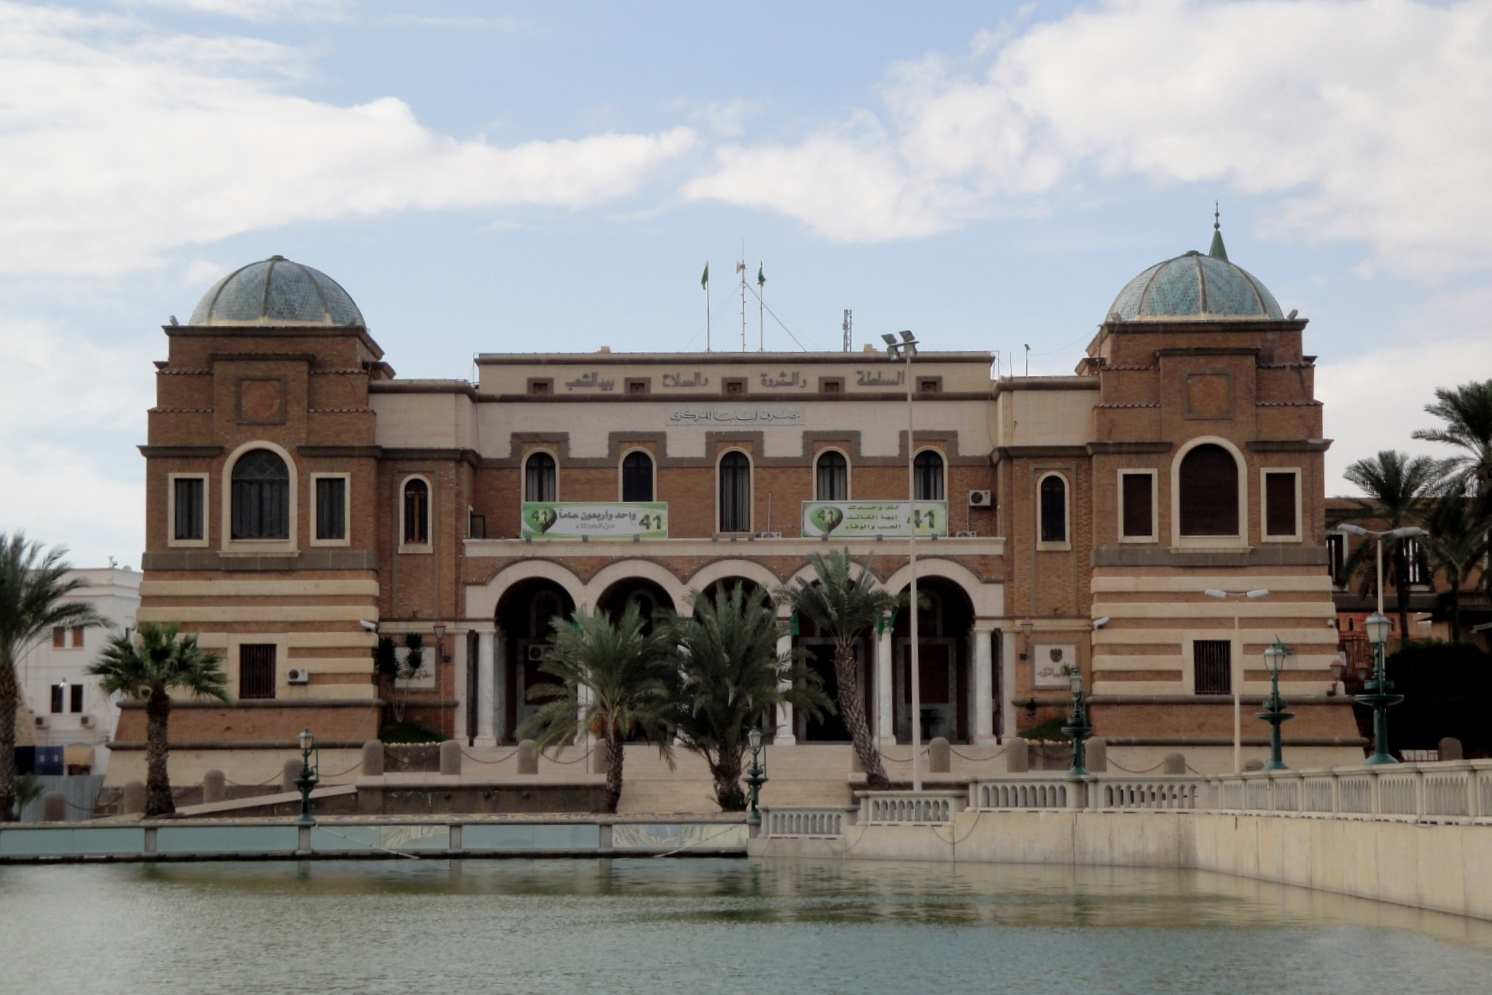 مصرف ليبيا المركزي يملك 0.82% في أوني كريديت  الإيطالي بعد زيادة رأس المال